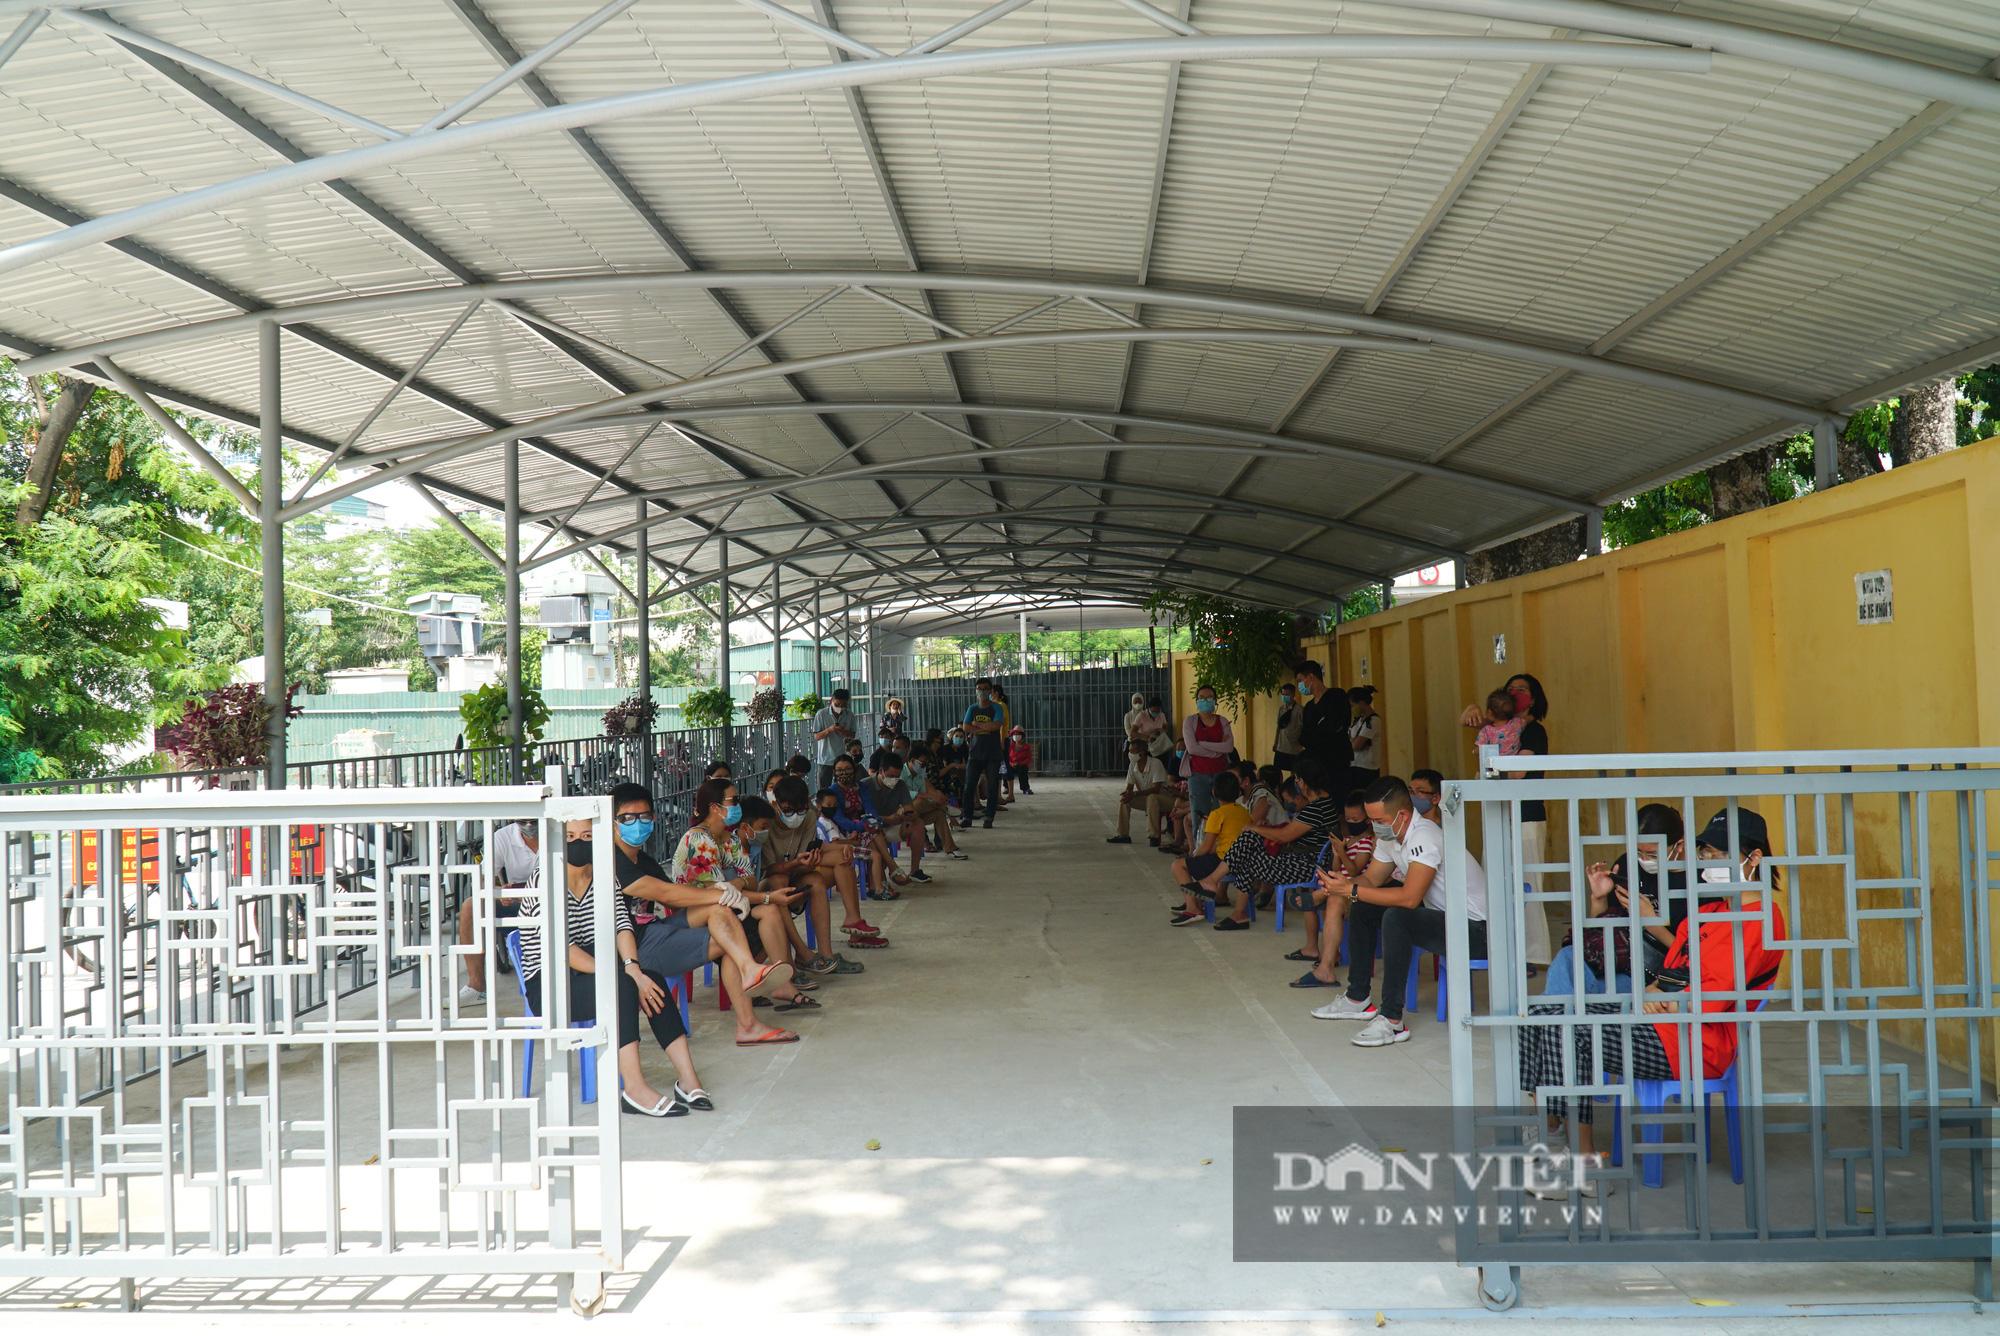 Hàng trăm người dân Hà Nội trở về từ Đà Nẵng tiếp tục được xét nghiệm nhanh Covid-19 - Ảnh 1.